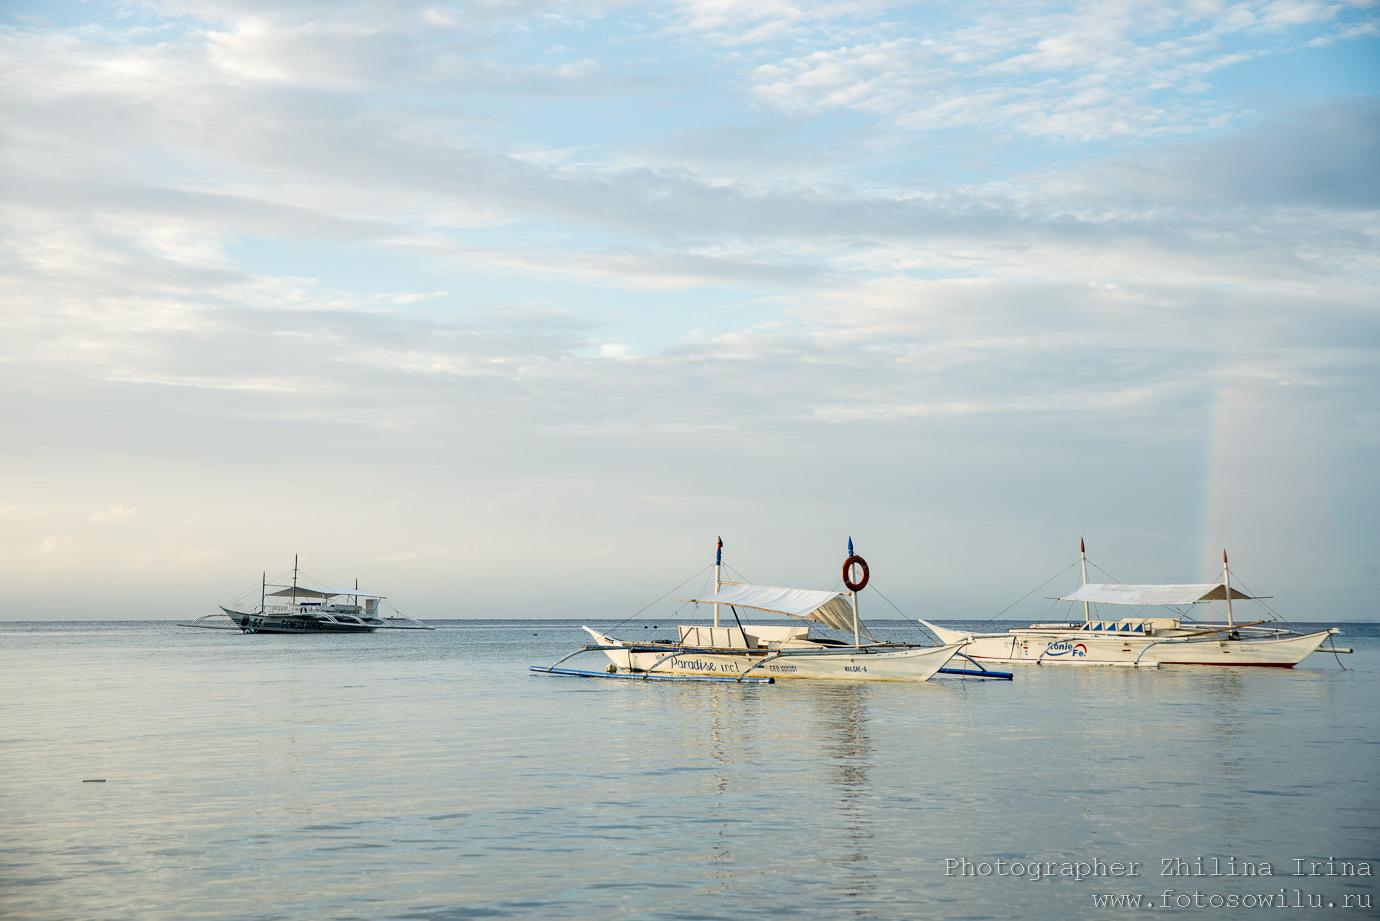 Алона Бич, Панглао, солнце, Alona beach